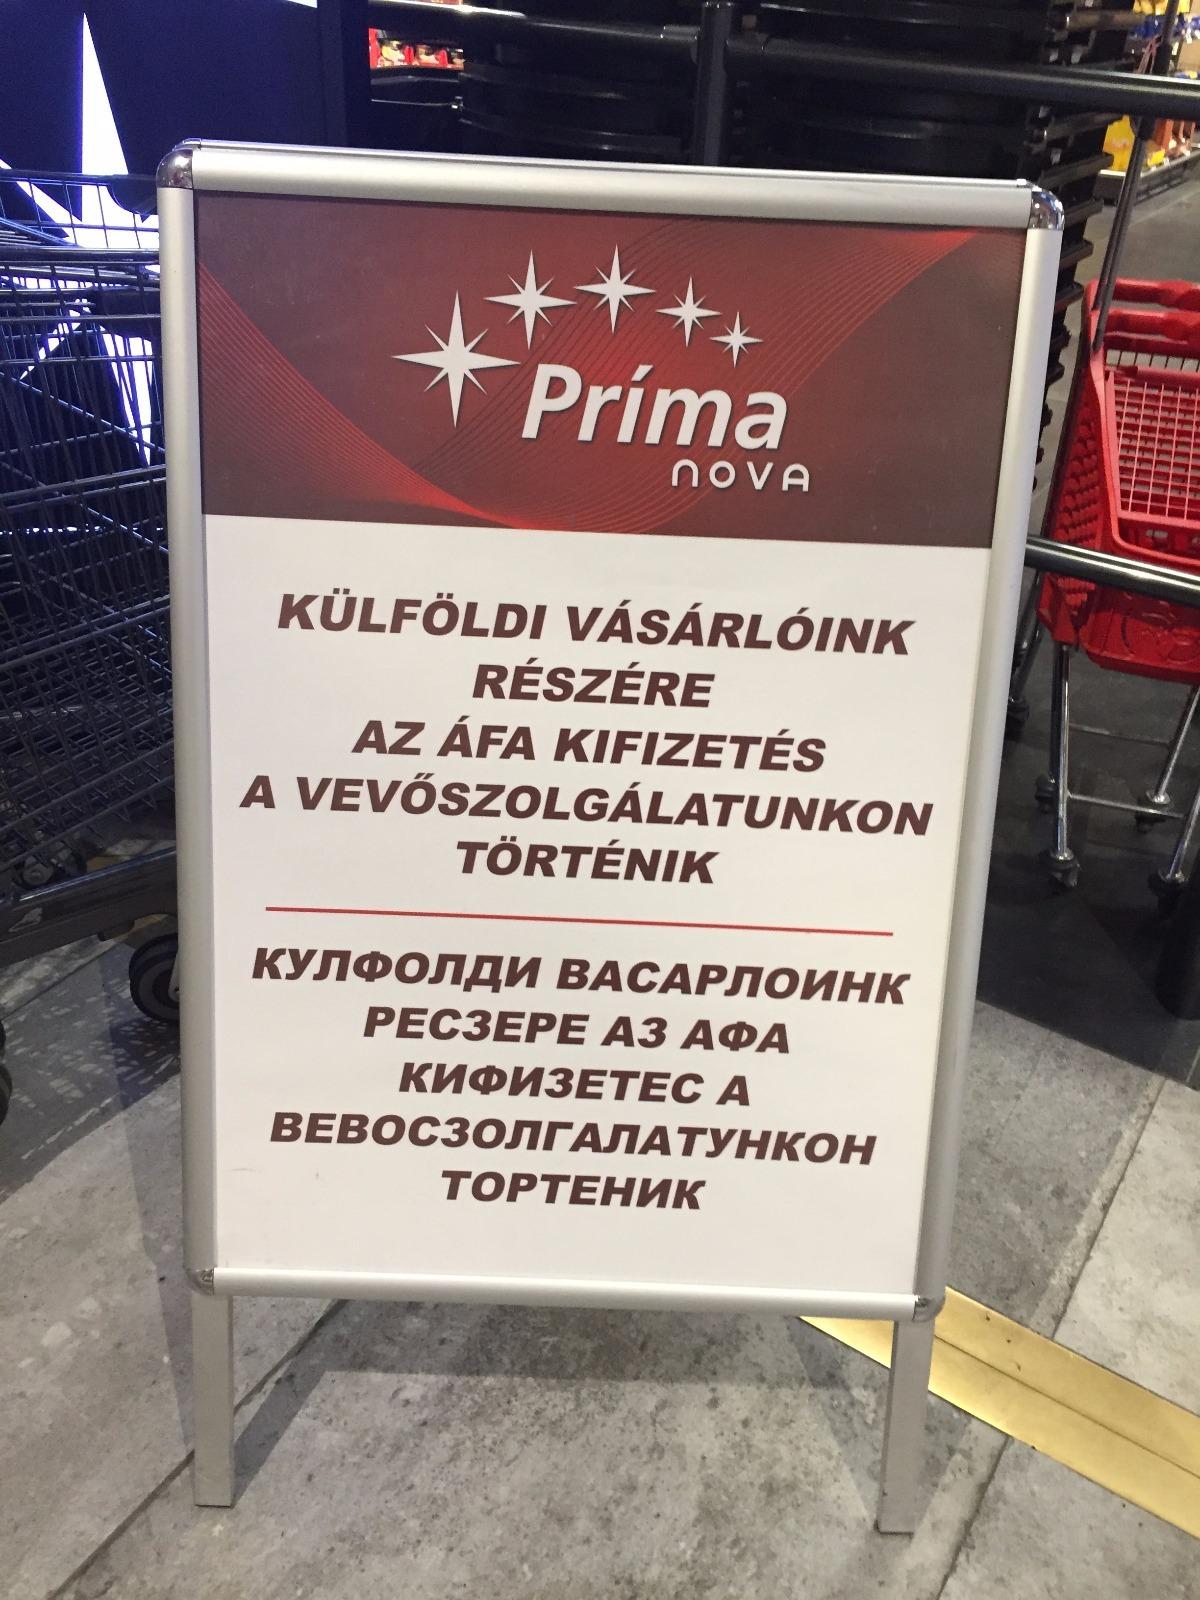 Hihetetlen, de nem volt kamu a szegedi CBA-ben fotózott cirillbetűs tábla